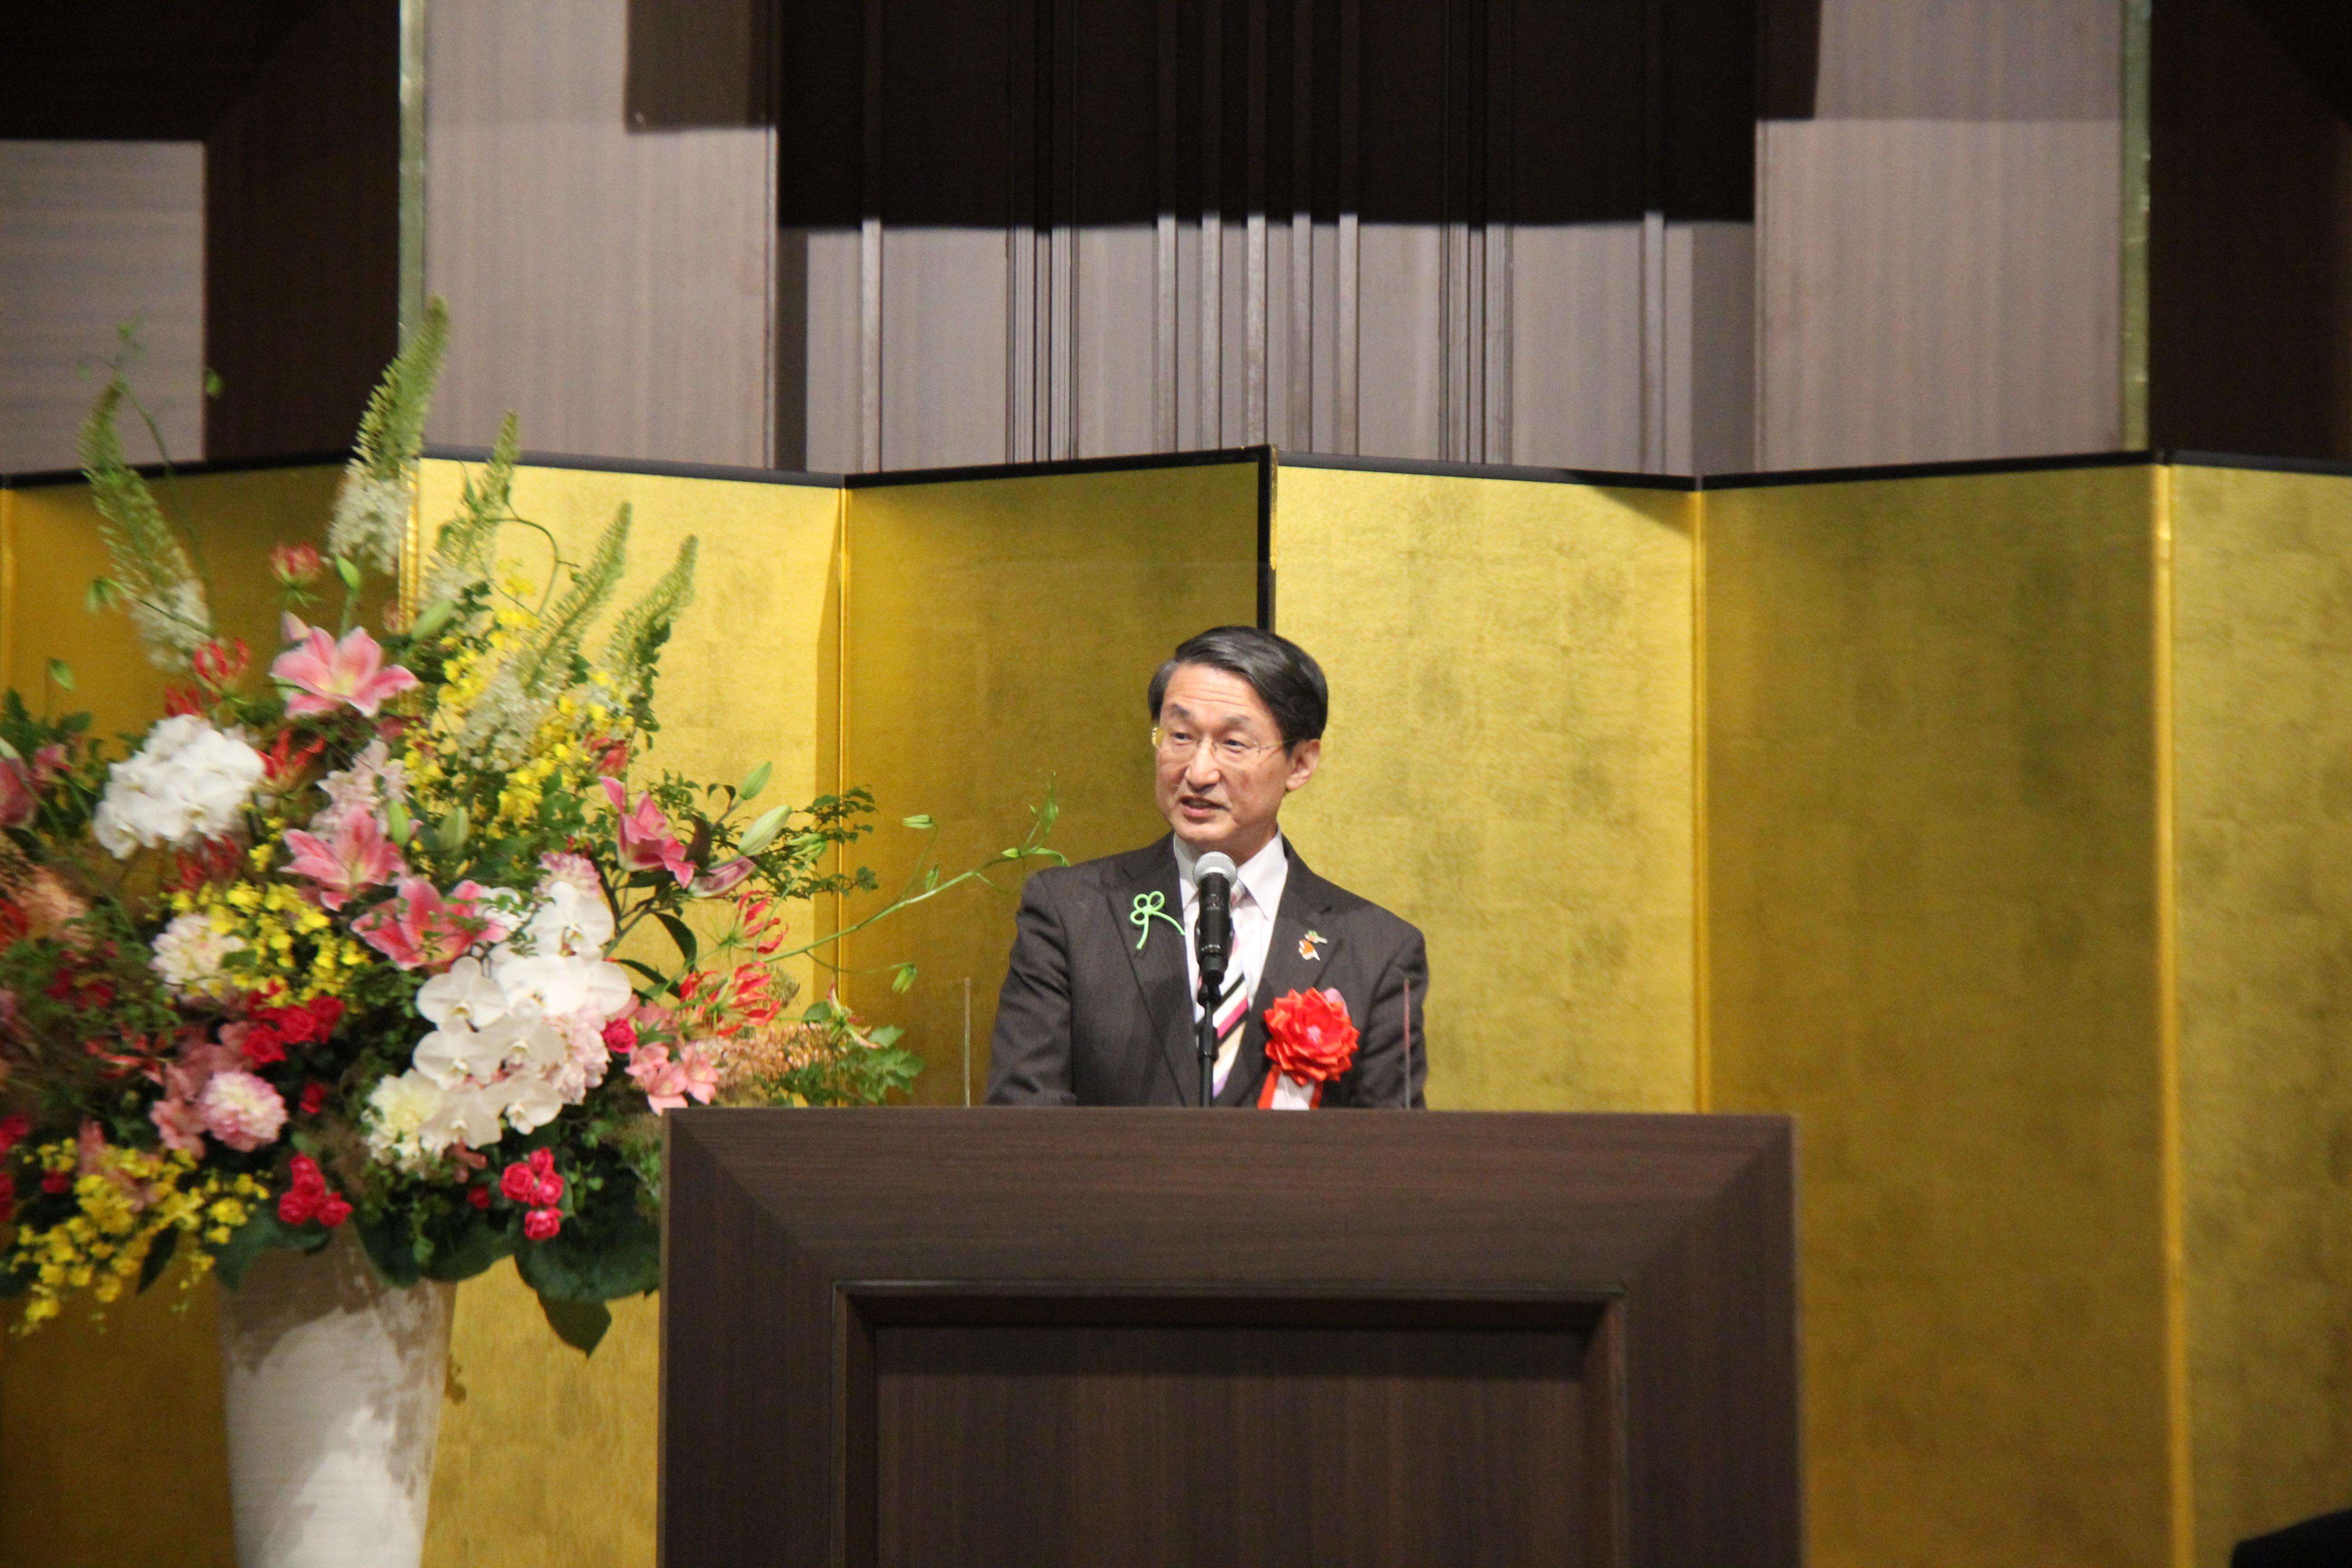 トップ > 新着情報 > 75周年記念式典・記念講演会を挙行しました 03